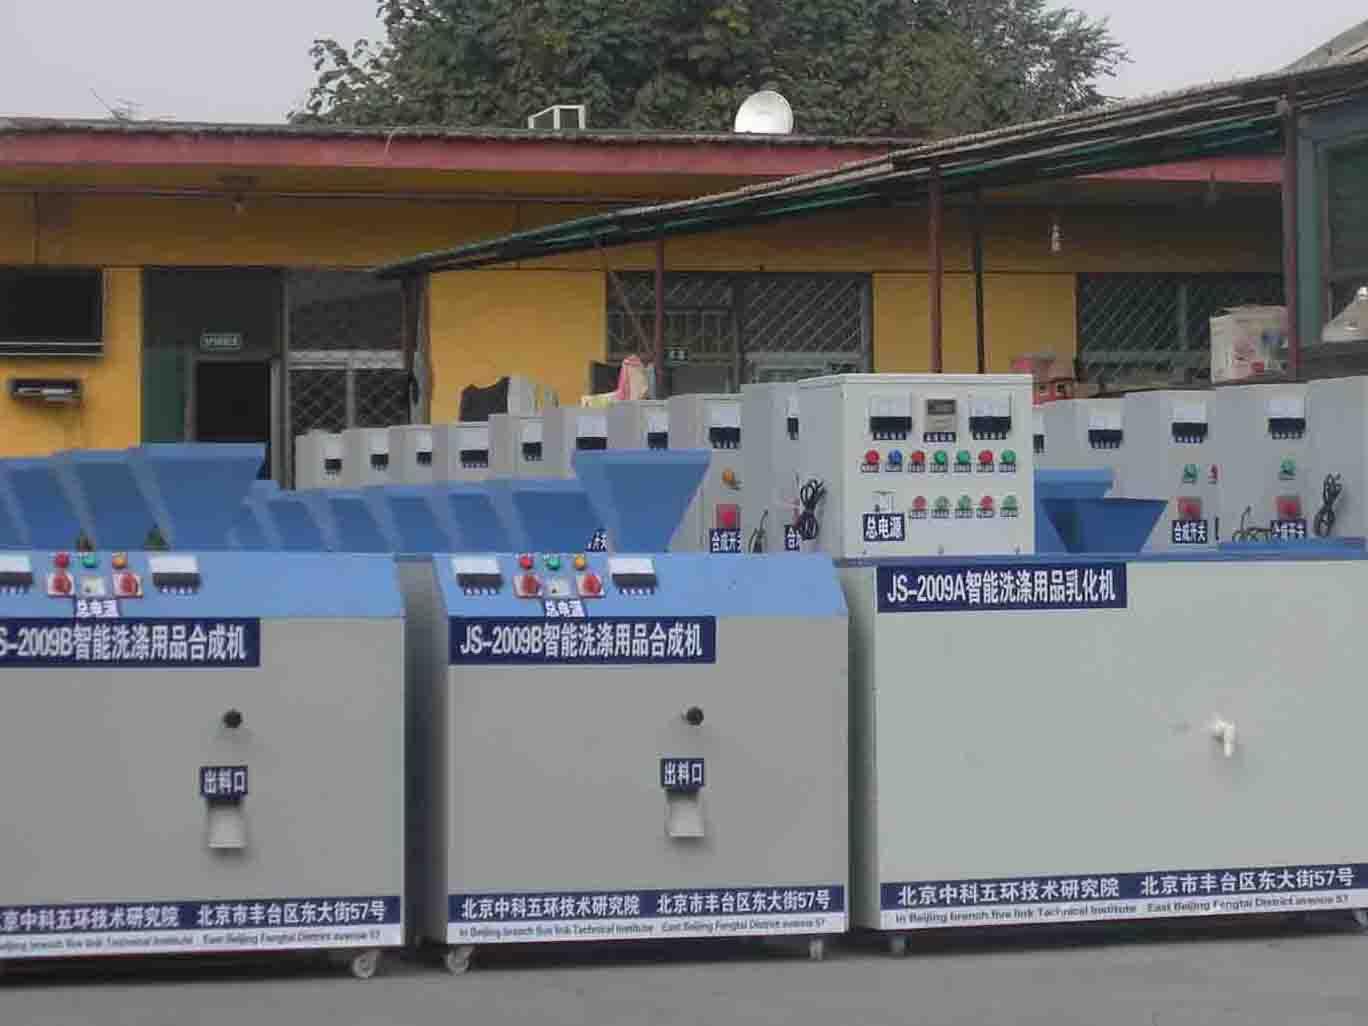 防冻液生产设备|防冻液生产机器设备|购机免费培训技术